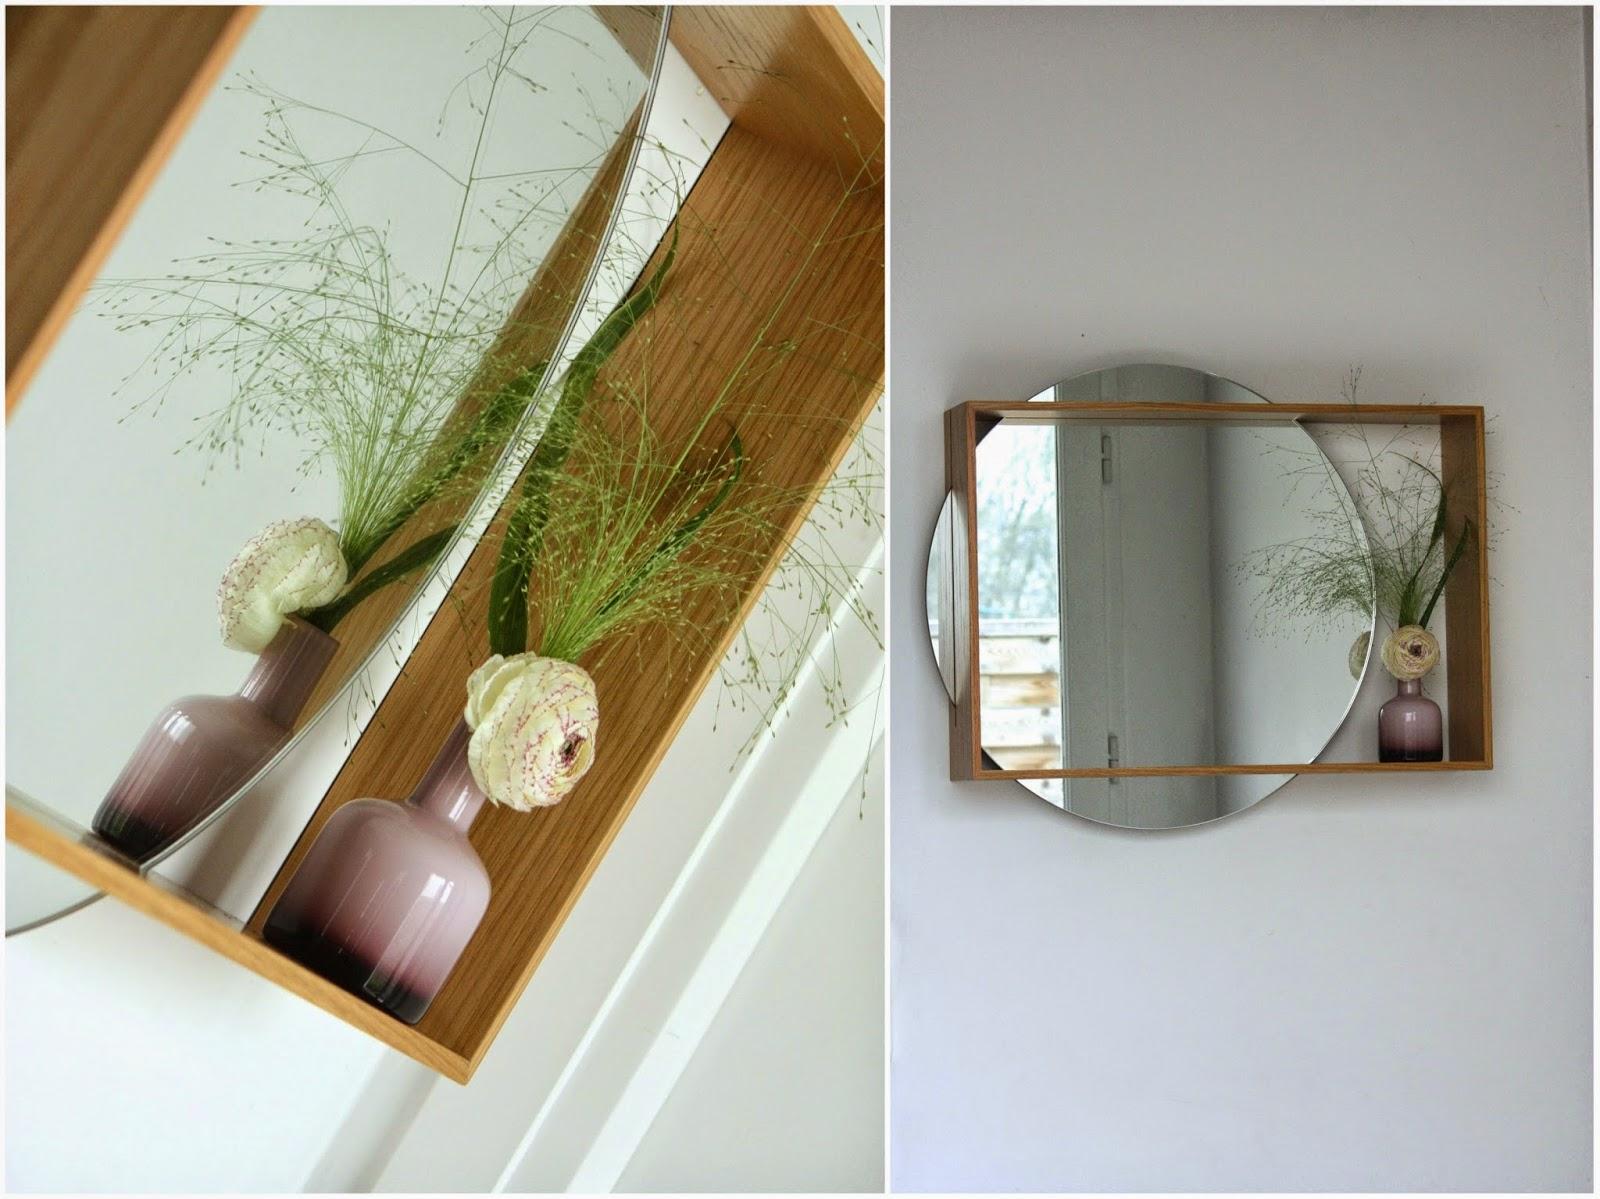 Un nouveau regard miroir mon beau miroir for Beaux miroirs